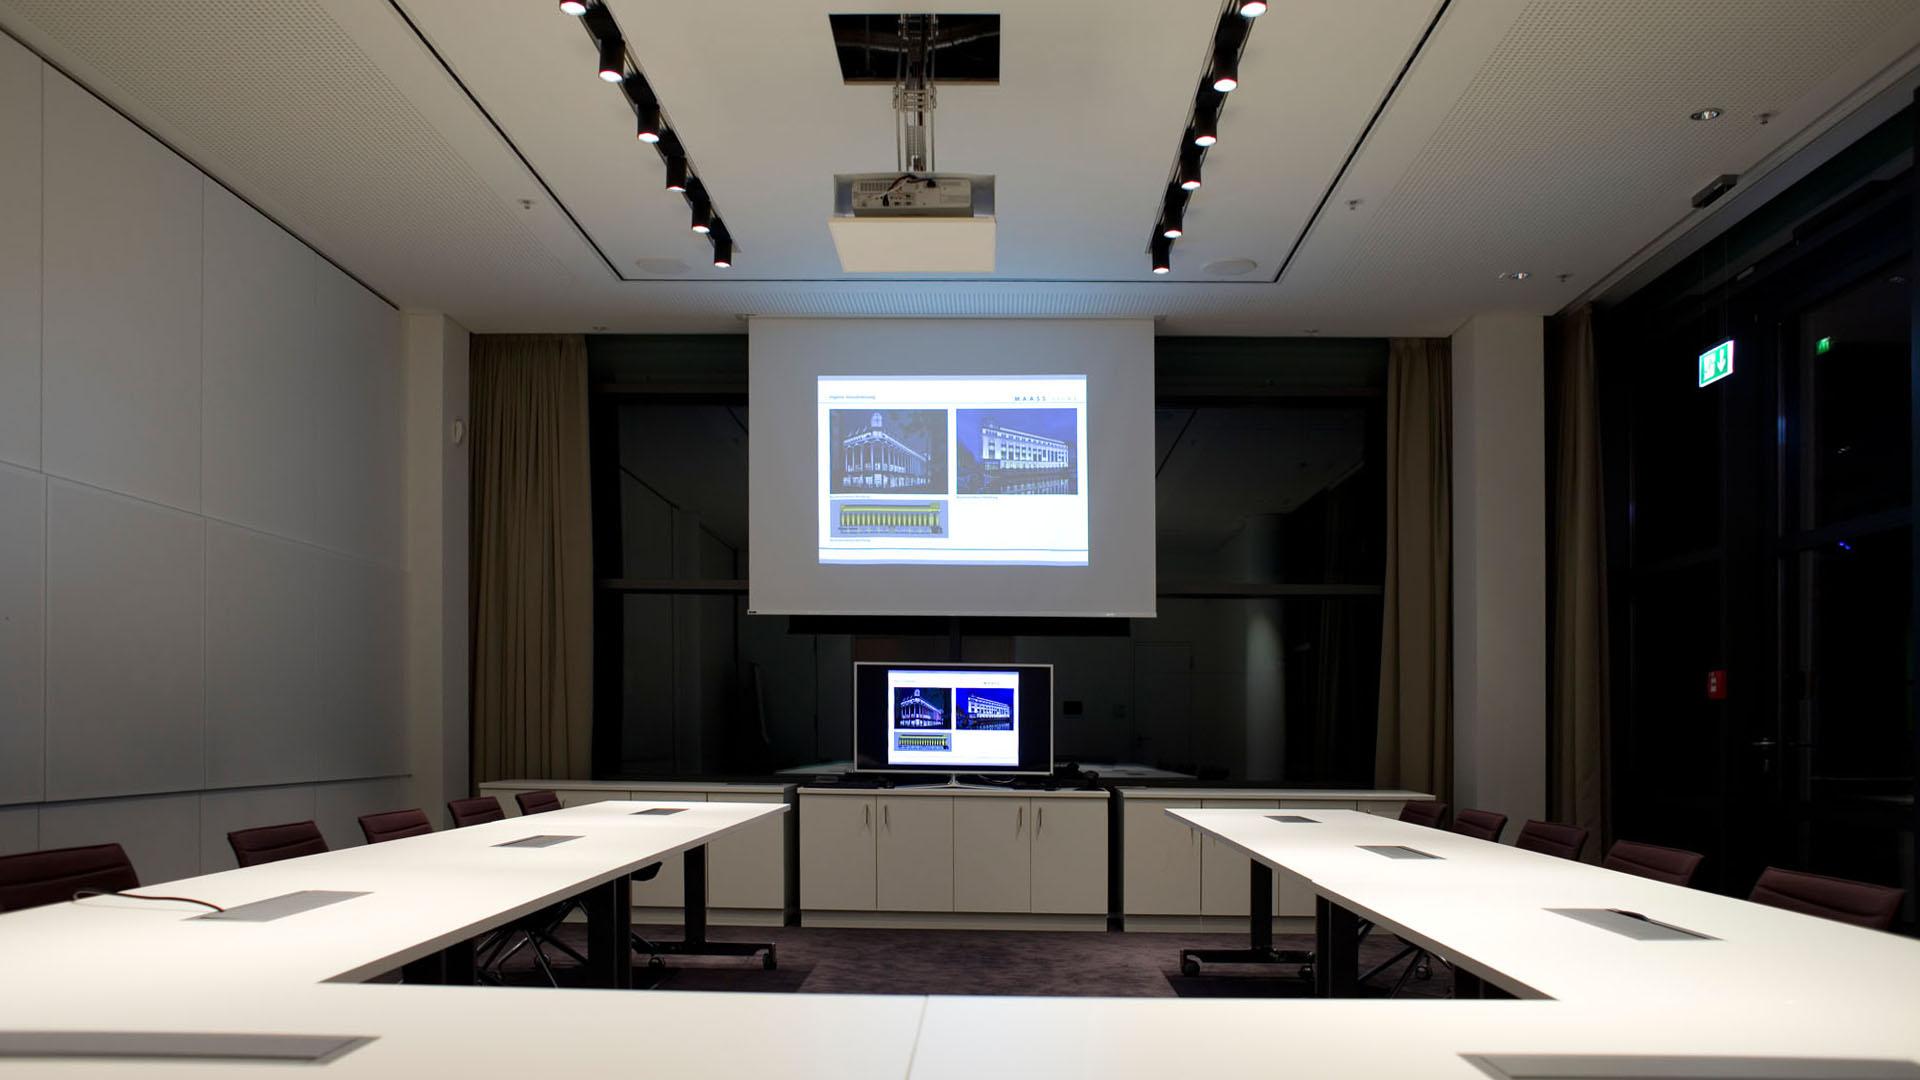 MAASS-Lichtplanung_Planung von Konferenzräumen__MAASS-Skylight-Konferenz-003